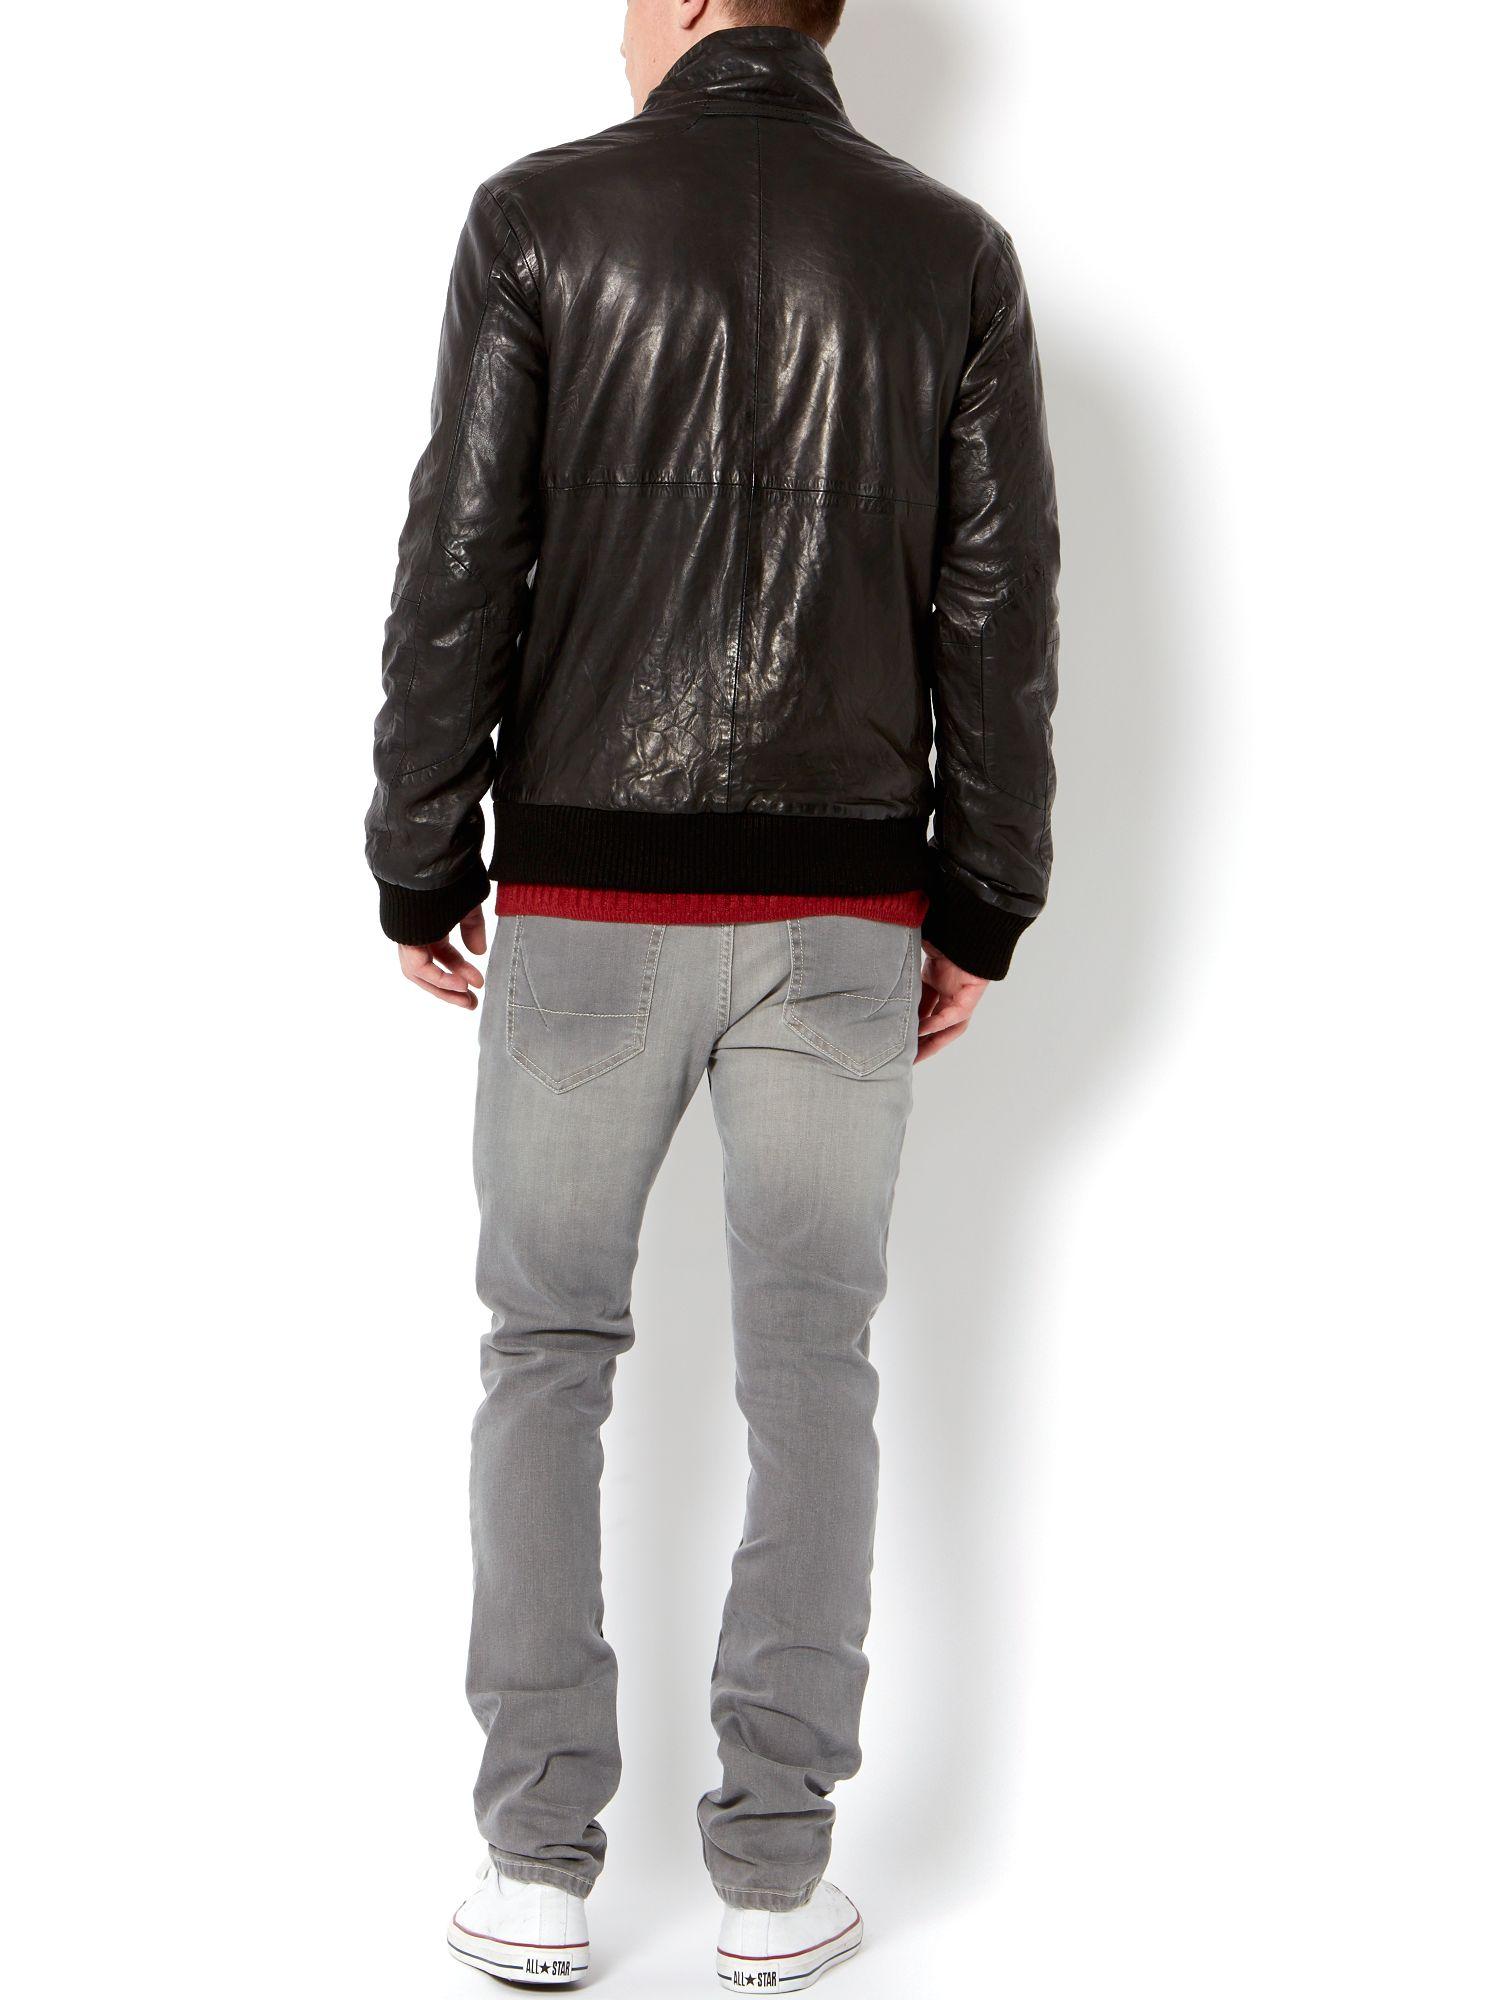 Label lab Valens Leather Bomber Jacket in Black for Men